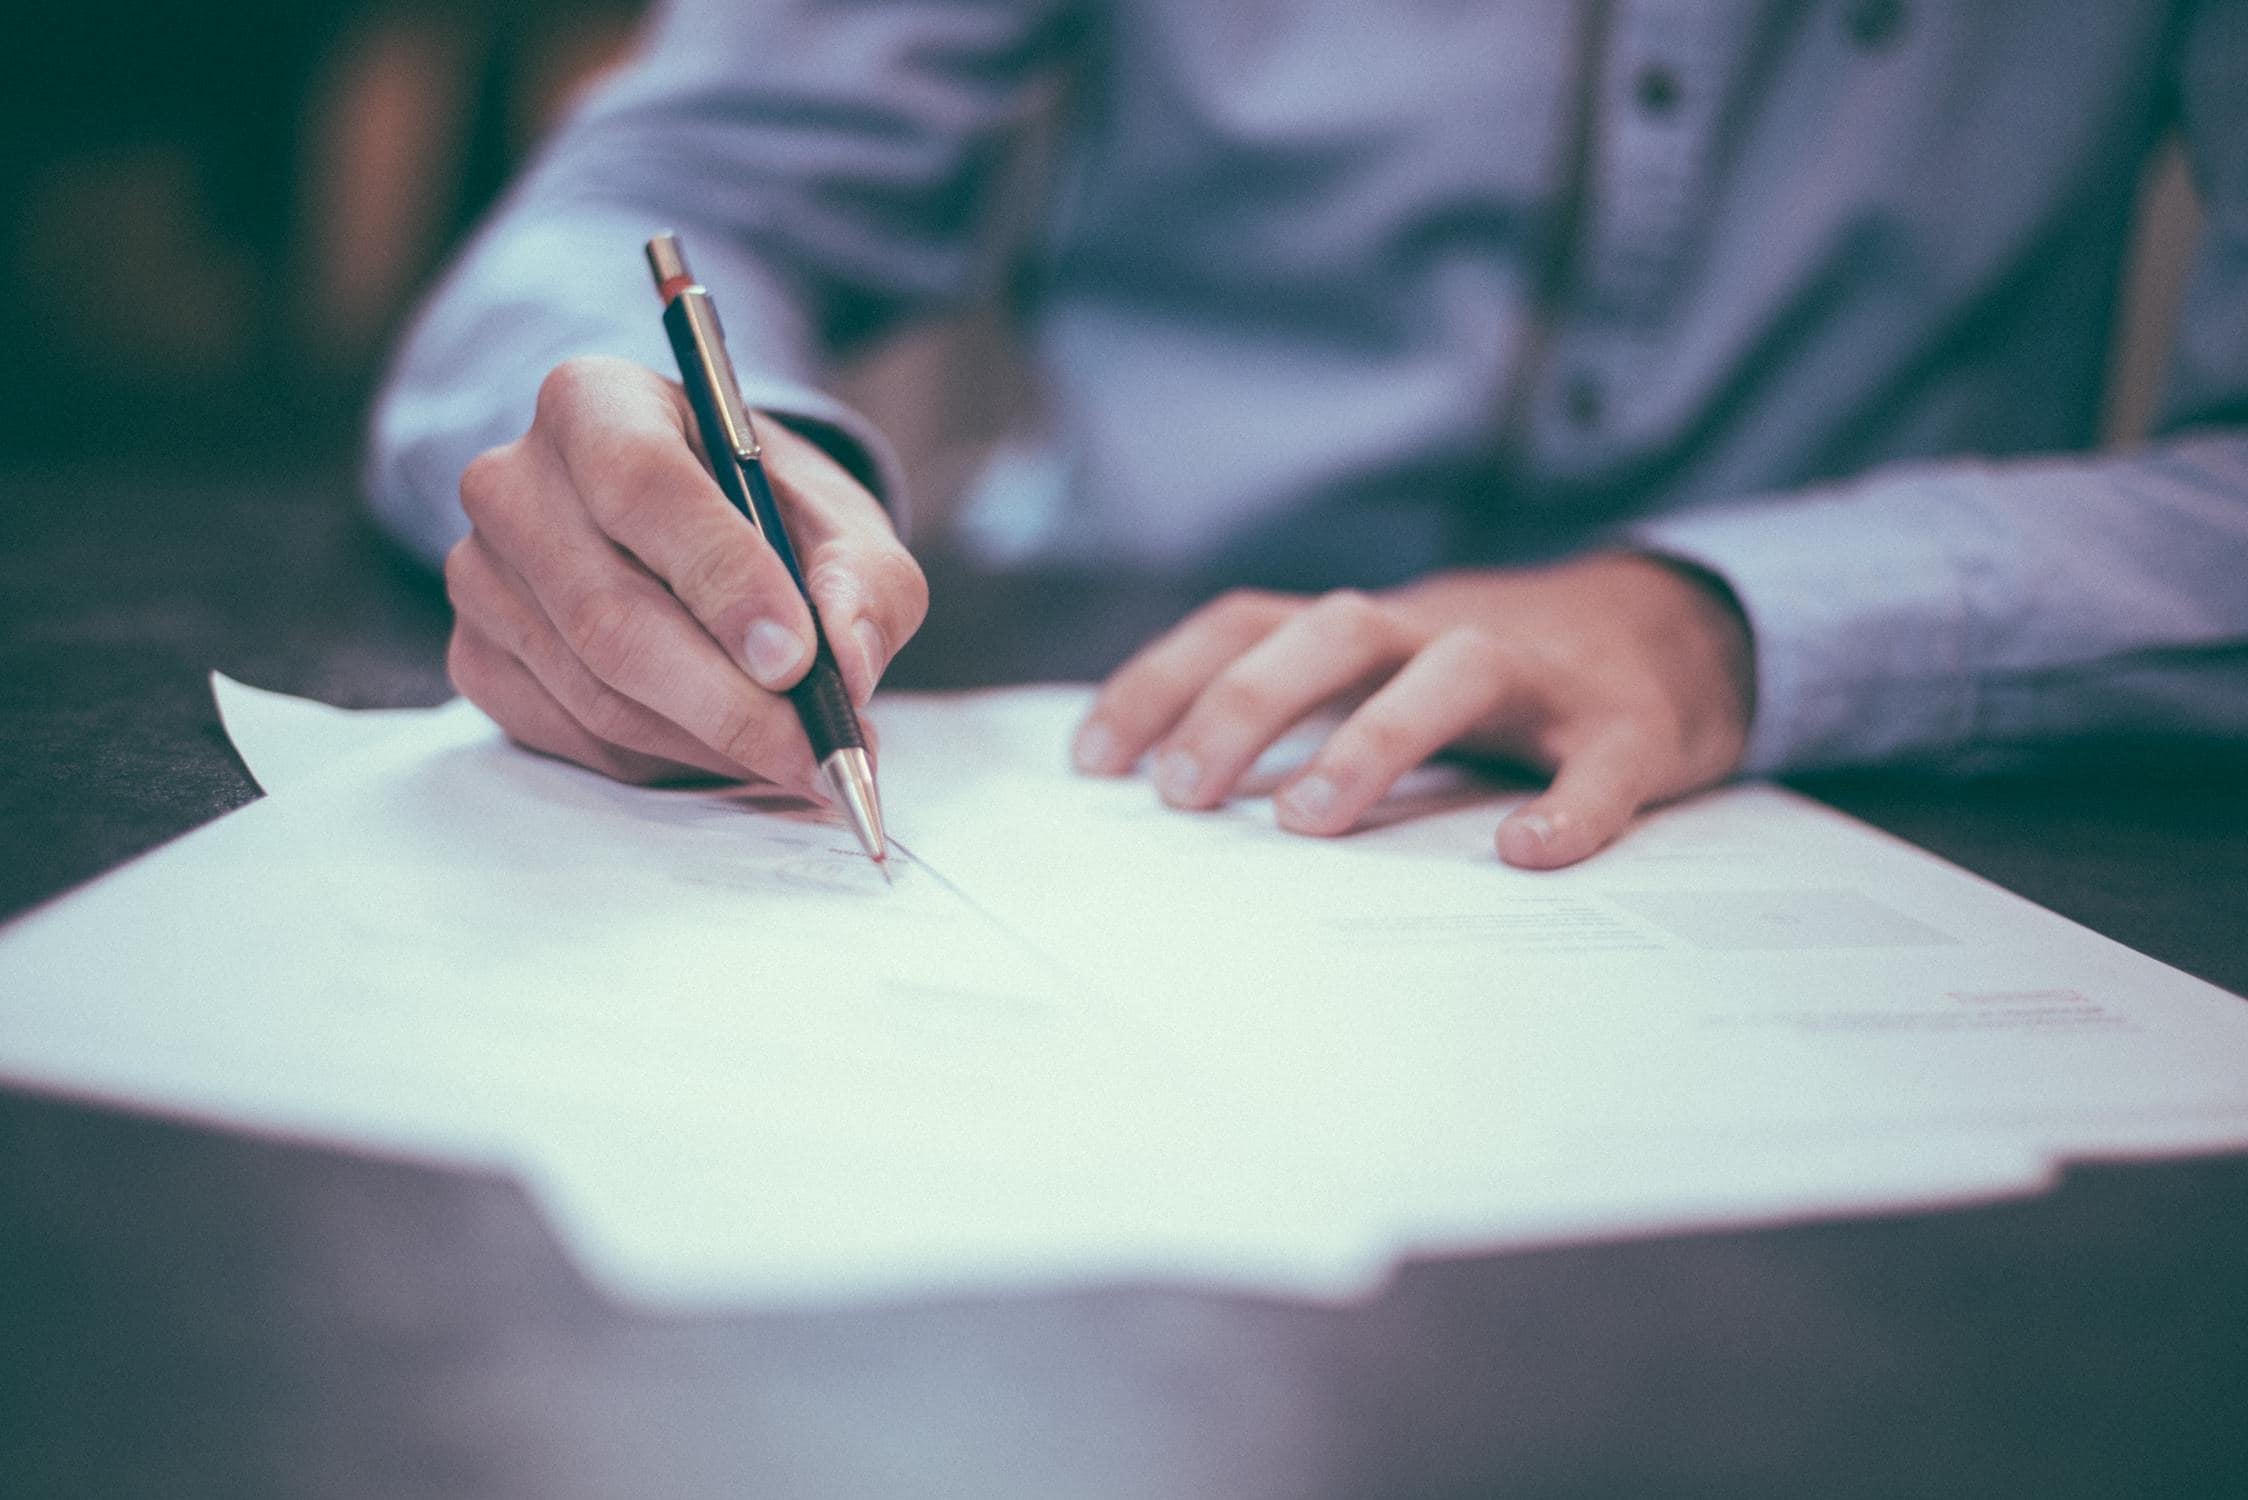 Hände, die einen Stift in der Hand halten und auf Papier schreiben